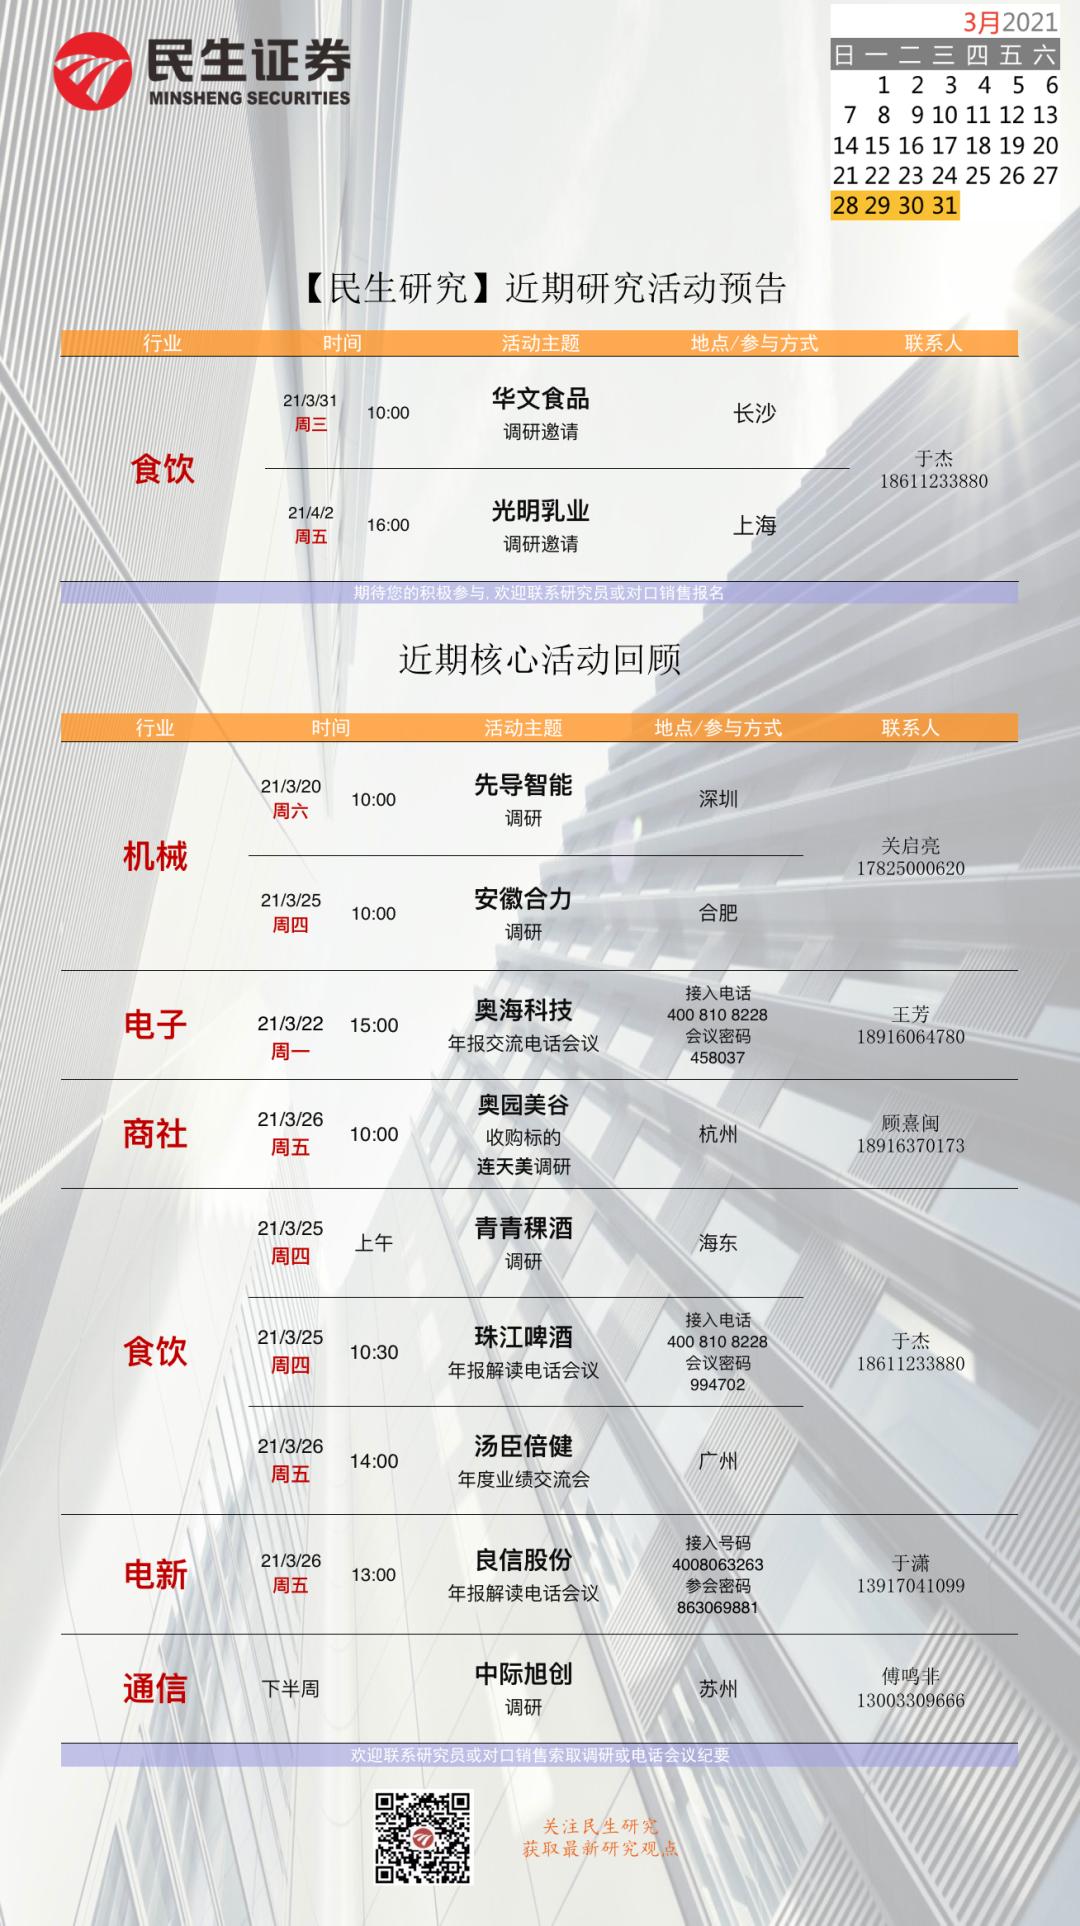 【民生证券研究院】晨会纪要20210330